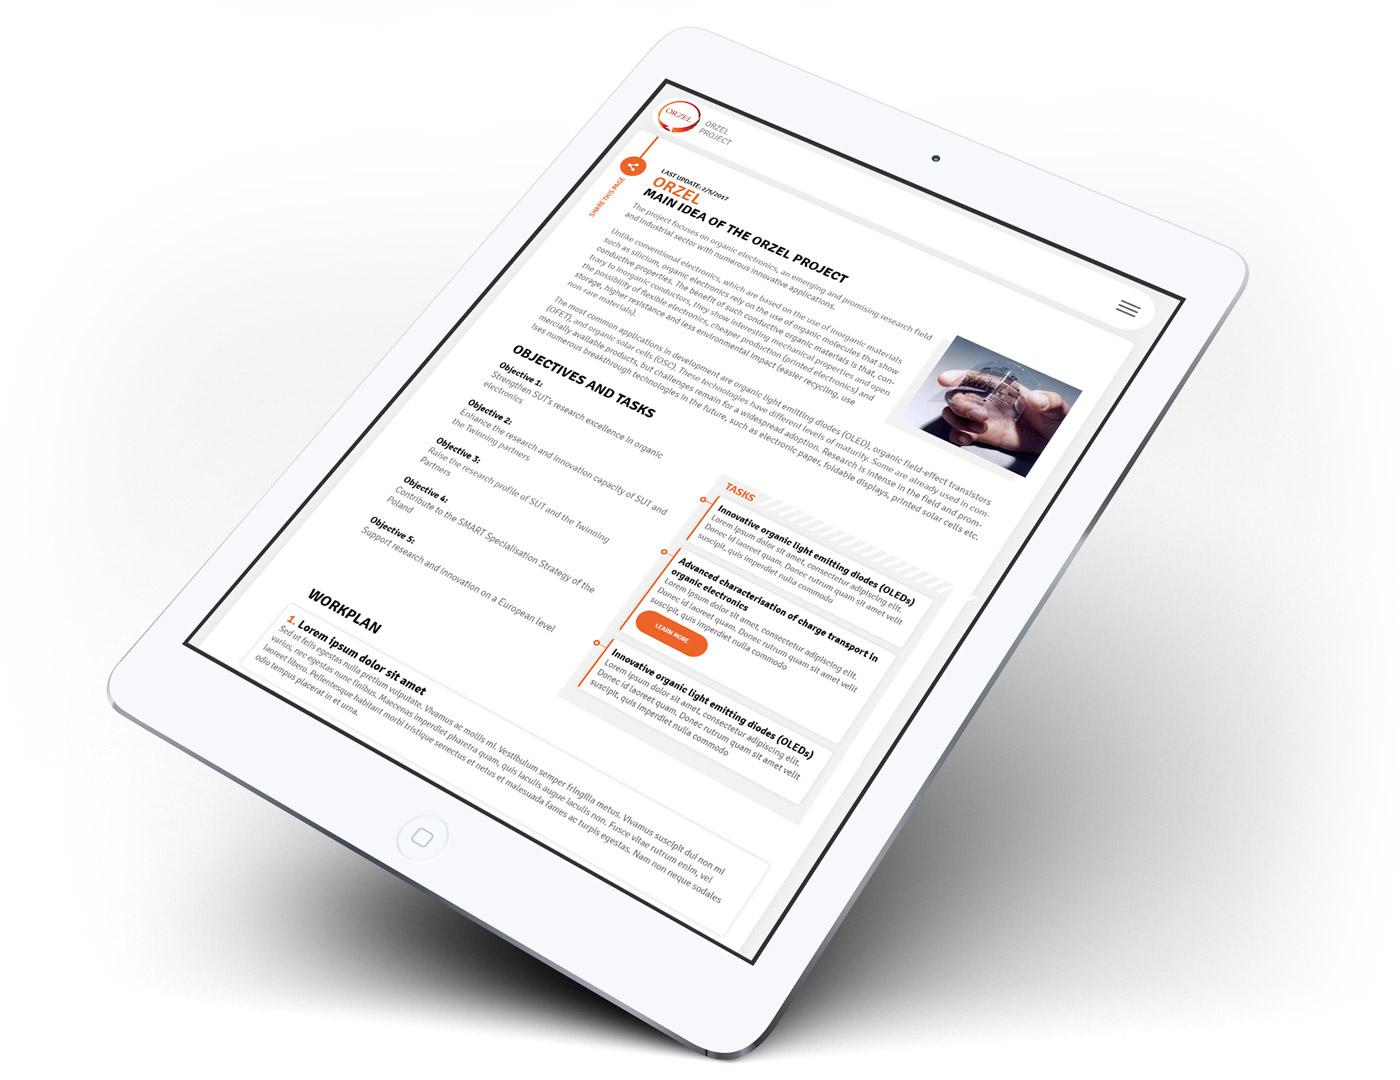 ORZEL Project - strona internetowa w wersji responsywnej na tablecie